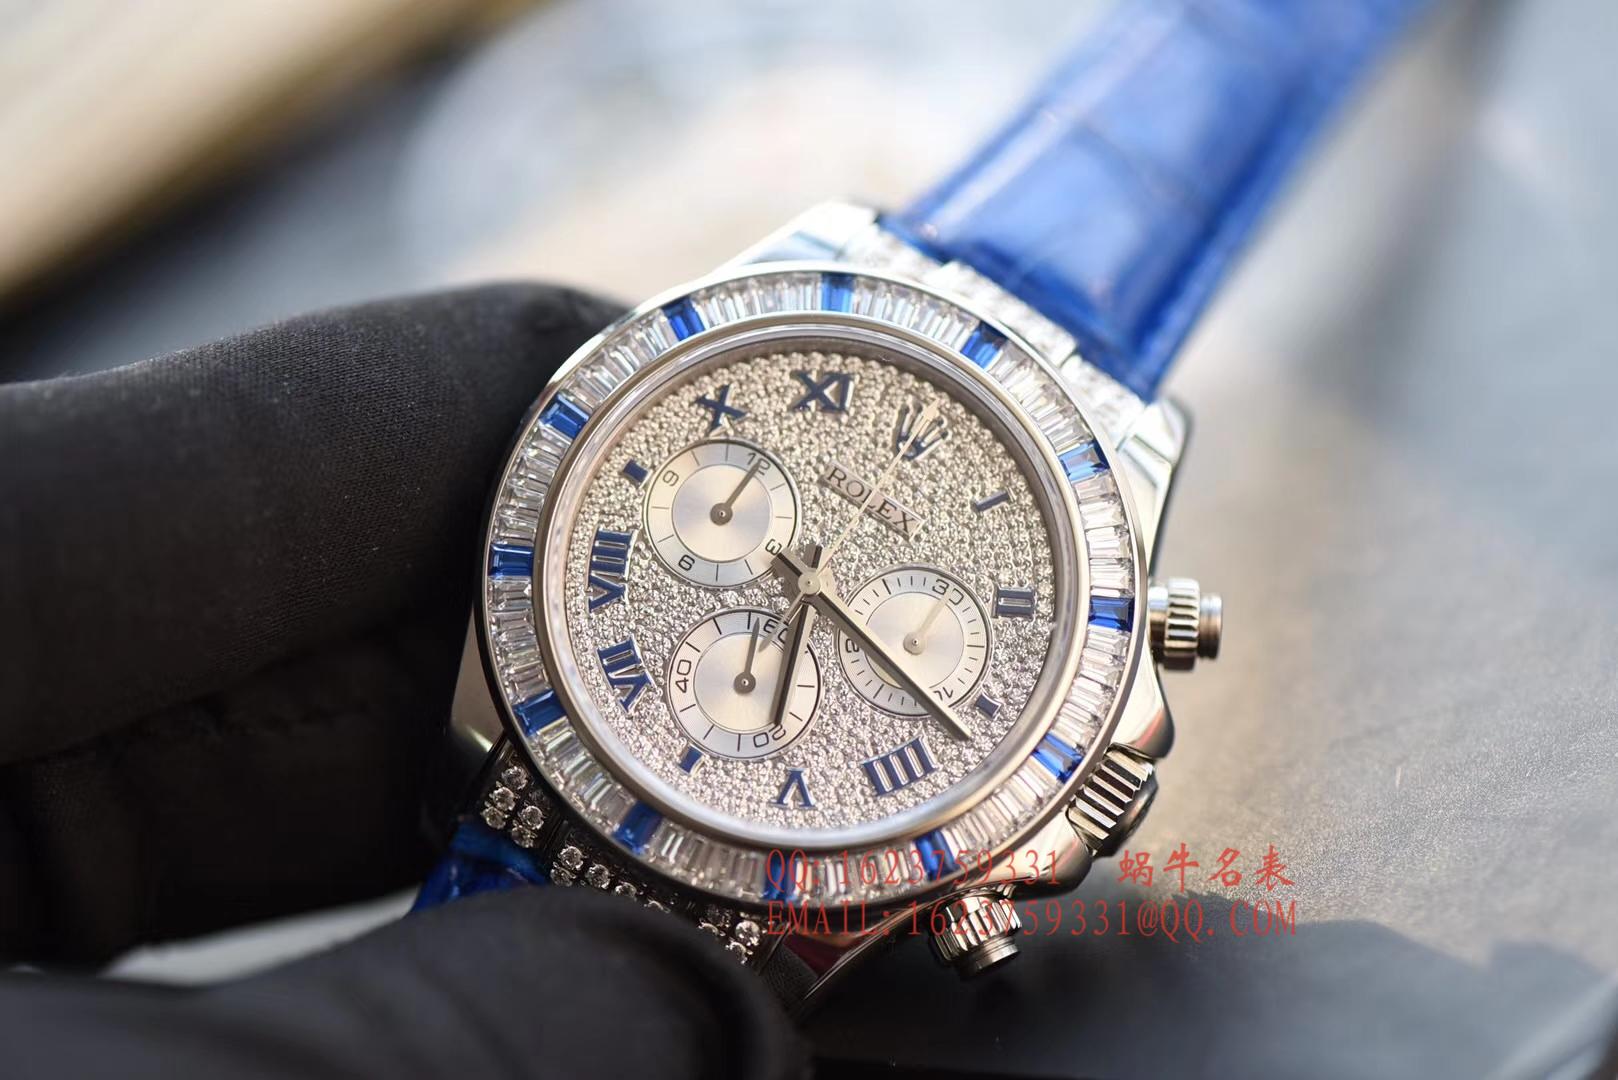 【台湾厂一比一复刻手表】劳力士宇宙计型迪通拿系列116599 12sa密镶钻表面配蓝珐琅罗马数字腕表 / RBD201